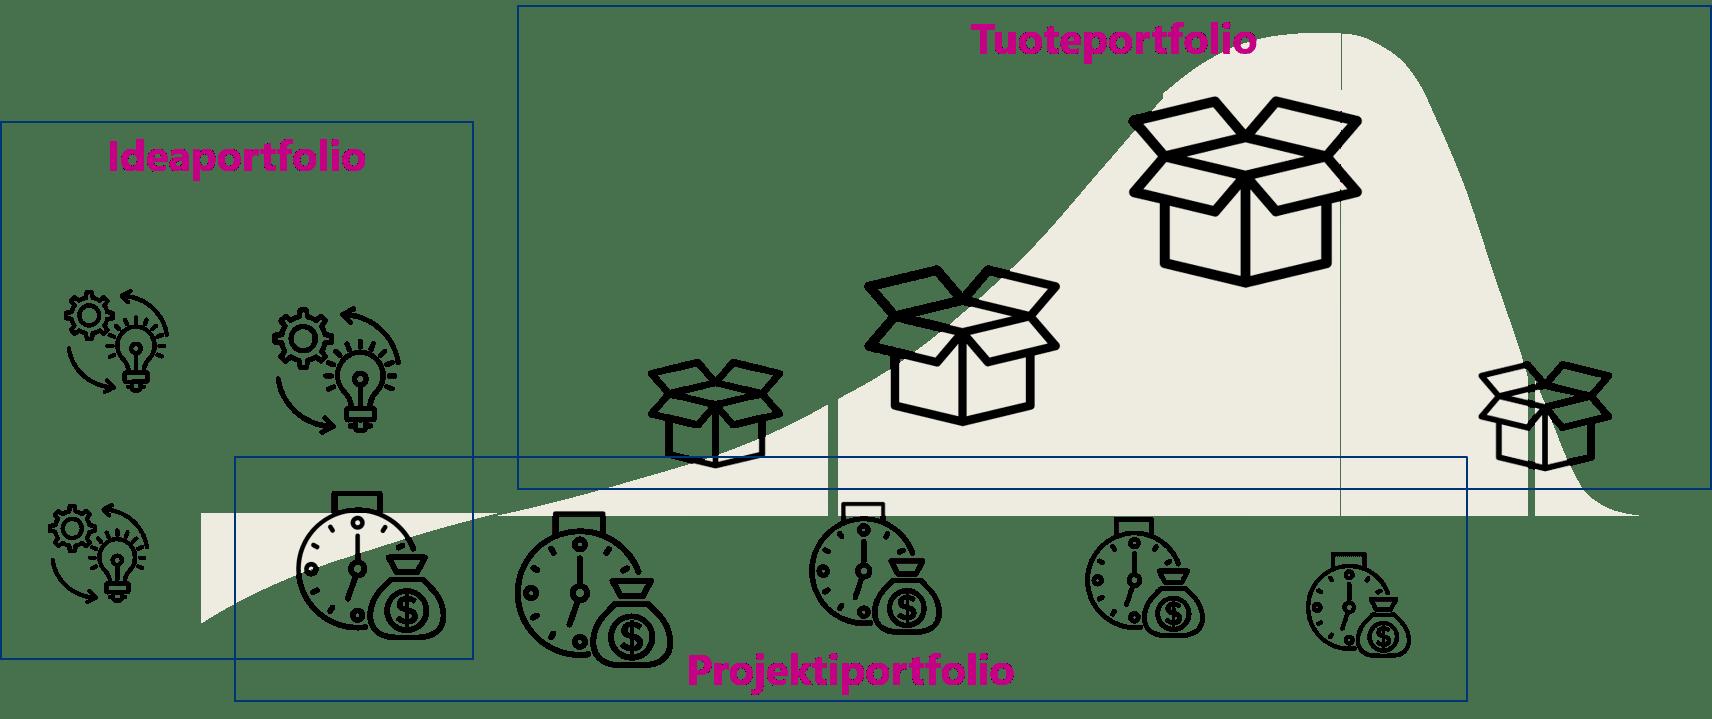 Portfolionhallinnan perusteet